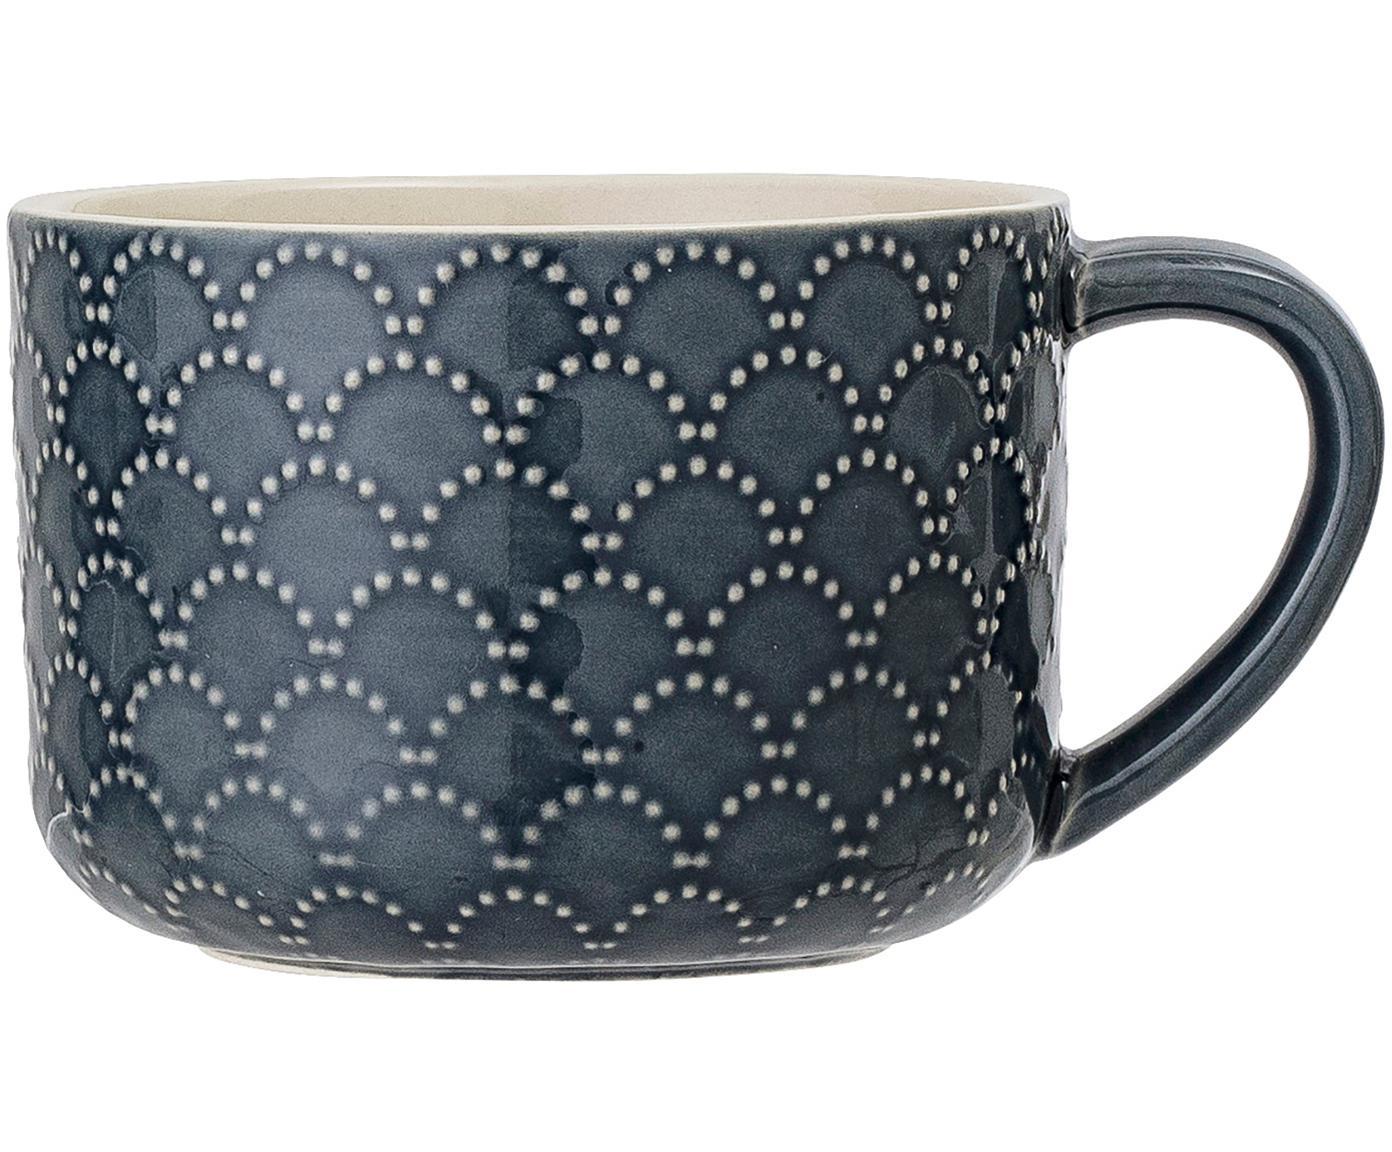 Tassen Naomie, 4 Stück, Steingut, Blau, Weiss, Ø 10 x H 7 cm